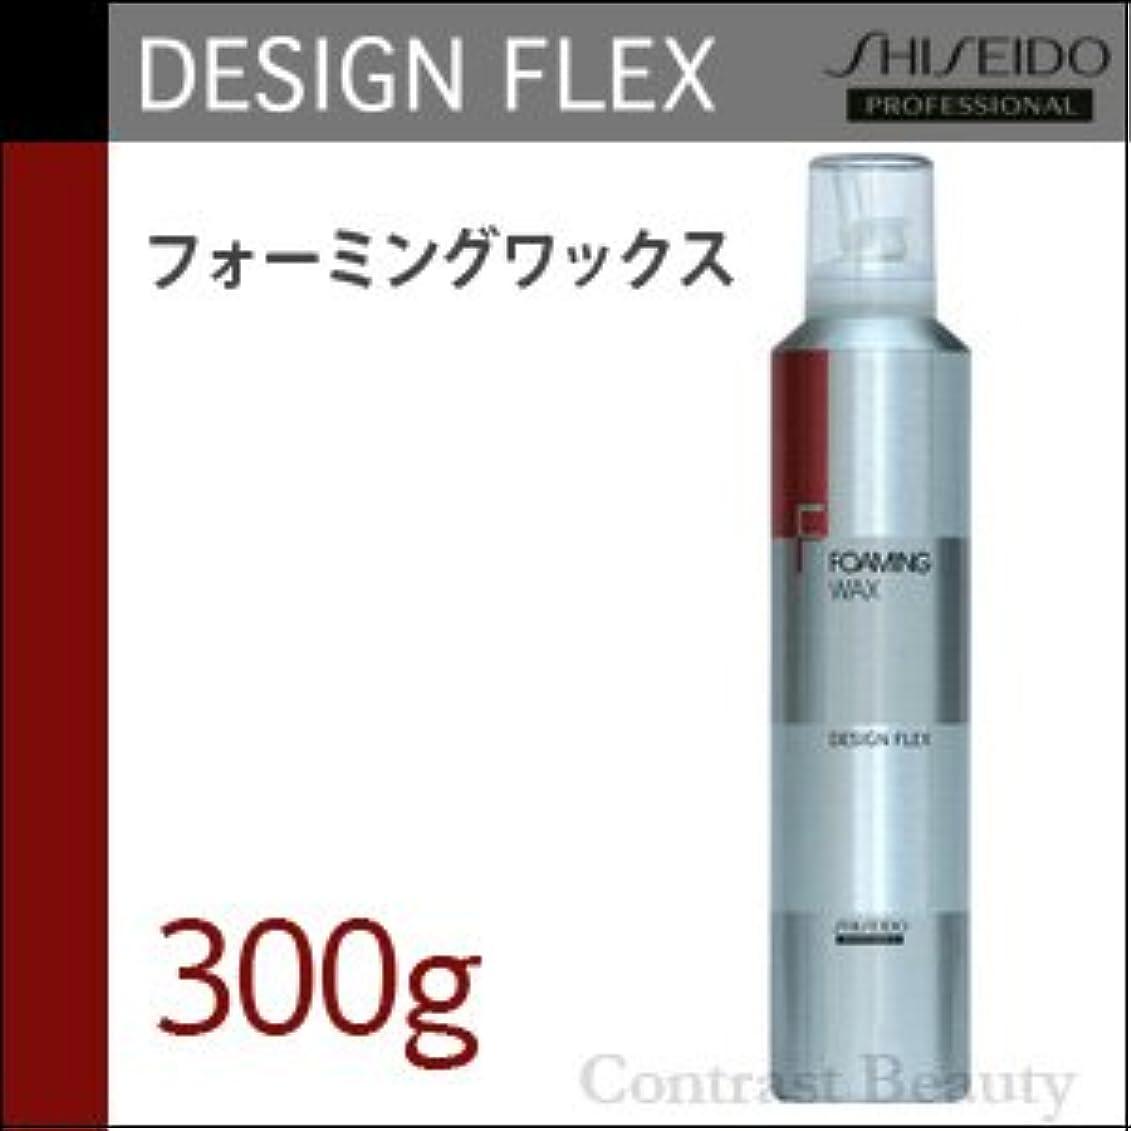 影厳しい魚【x2個セット】 資生堂 デザインフレックス フォーミングワックス 300g